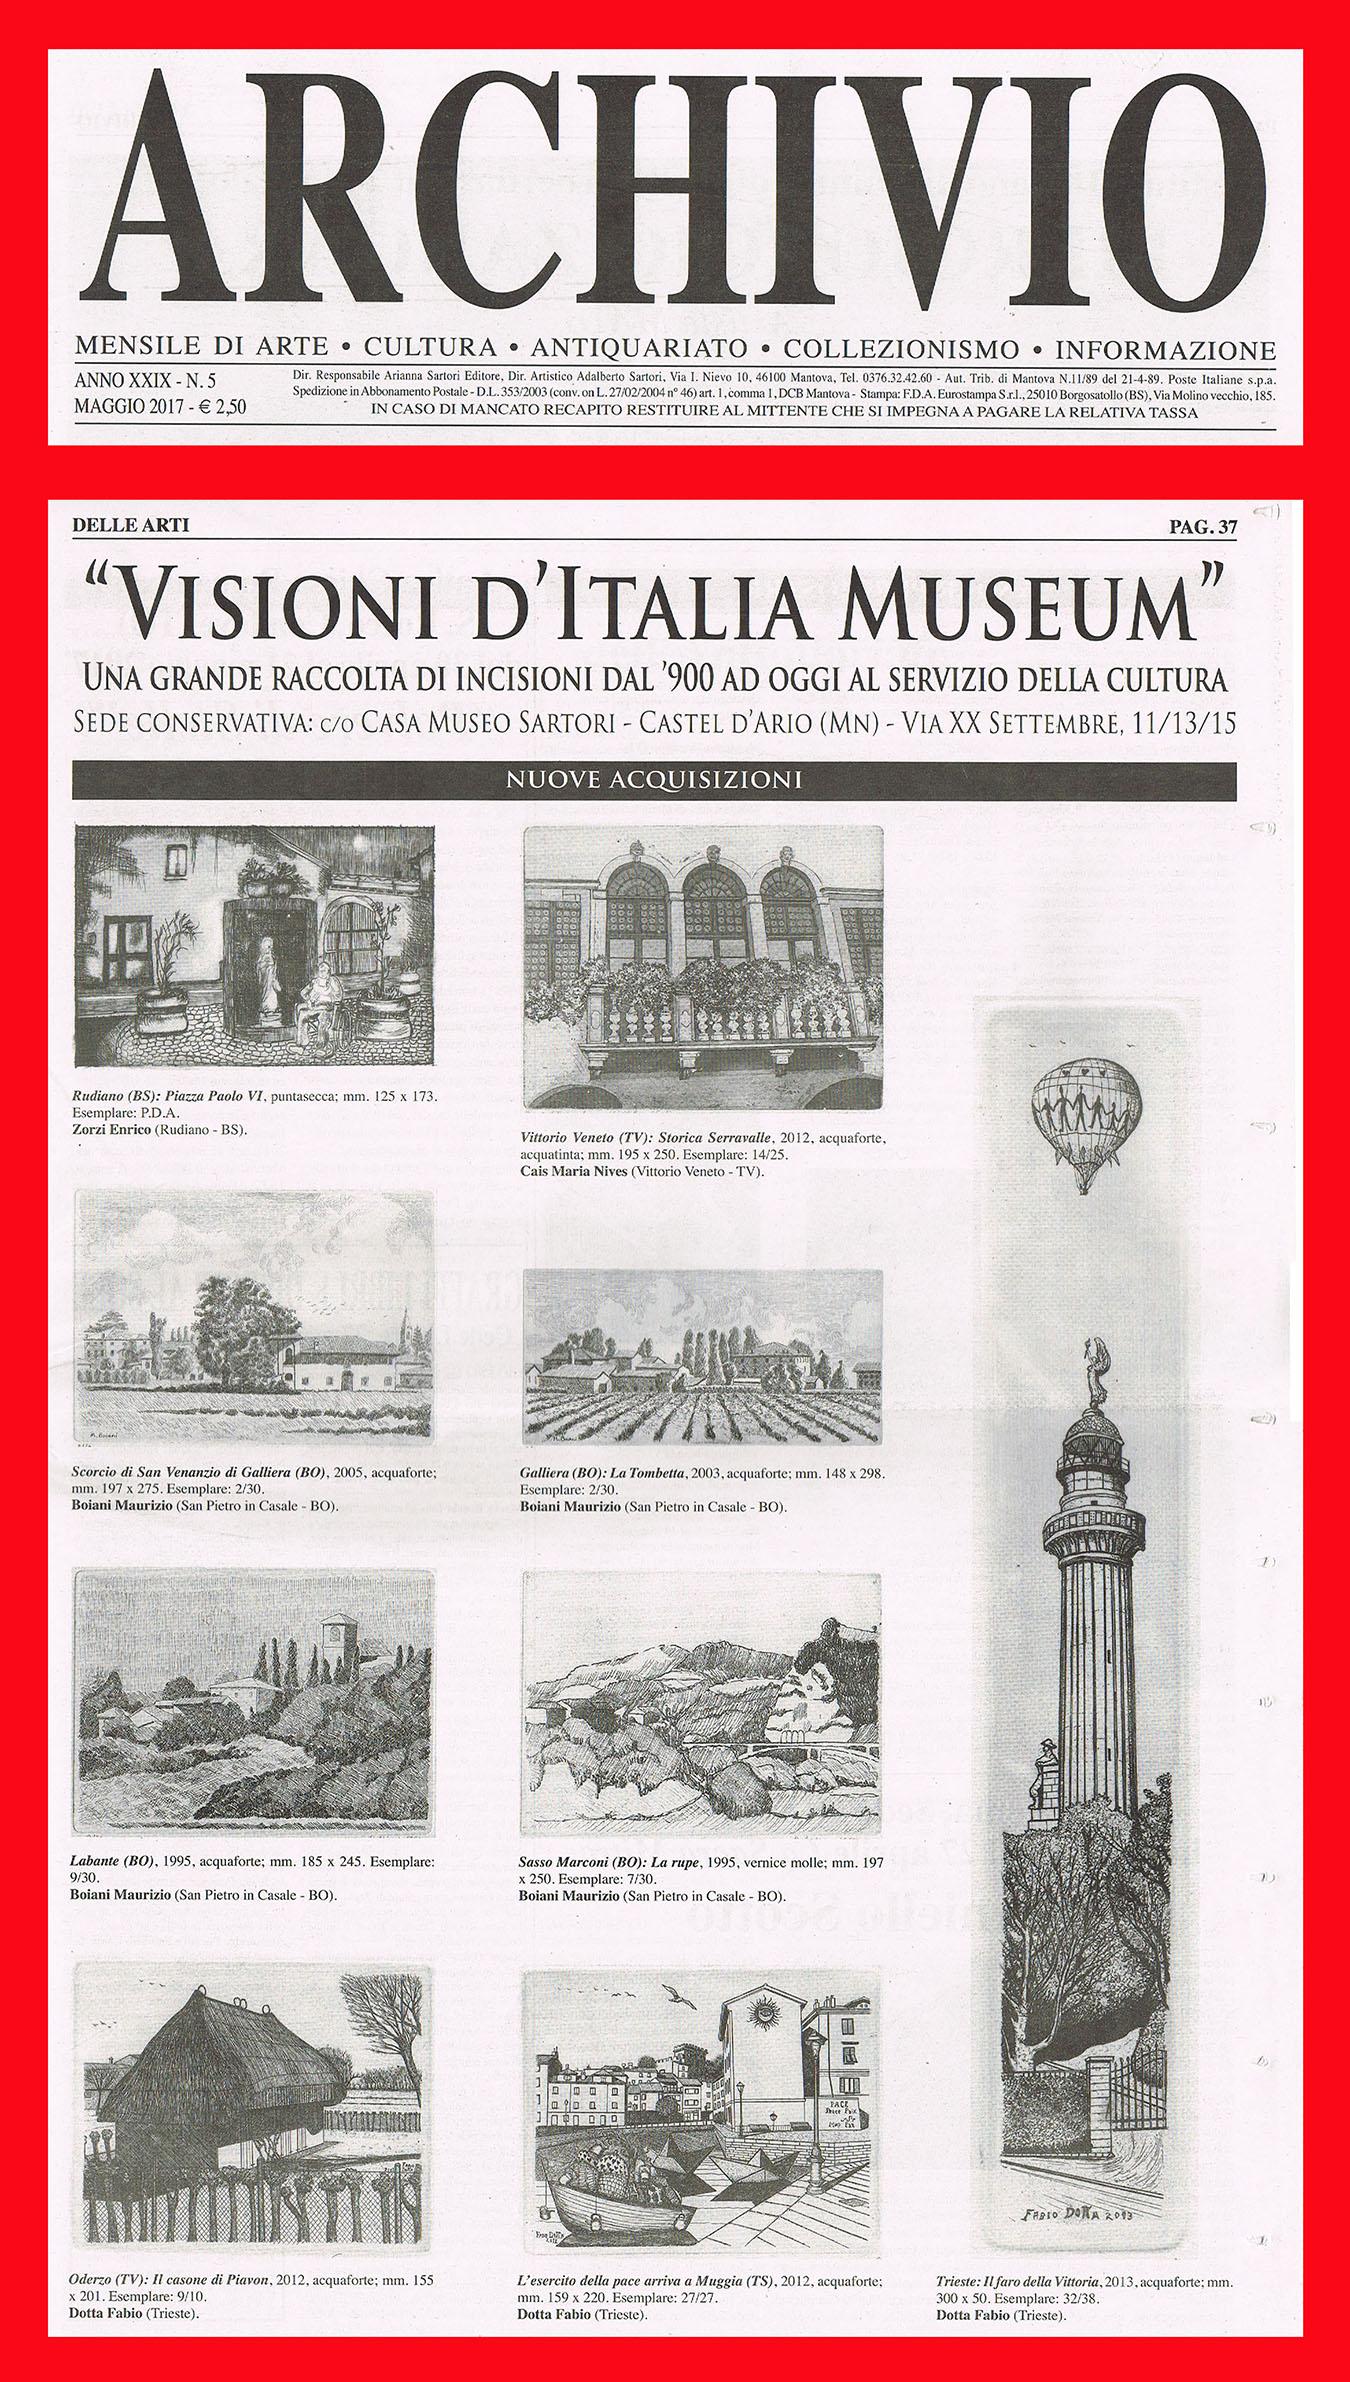 VISIONI D'ITALIA MUSEUM_MAGGIO 2017_FABIO DOTTA